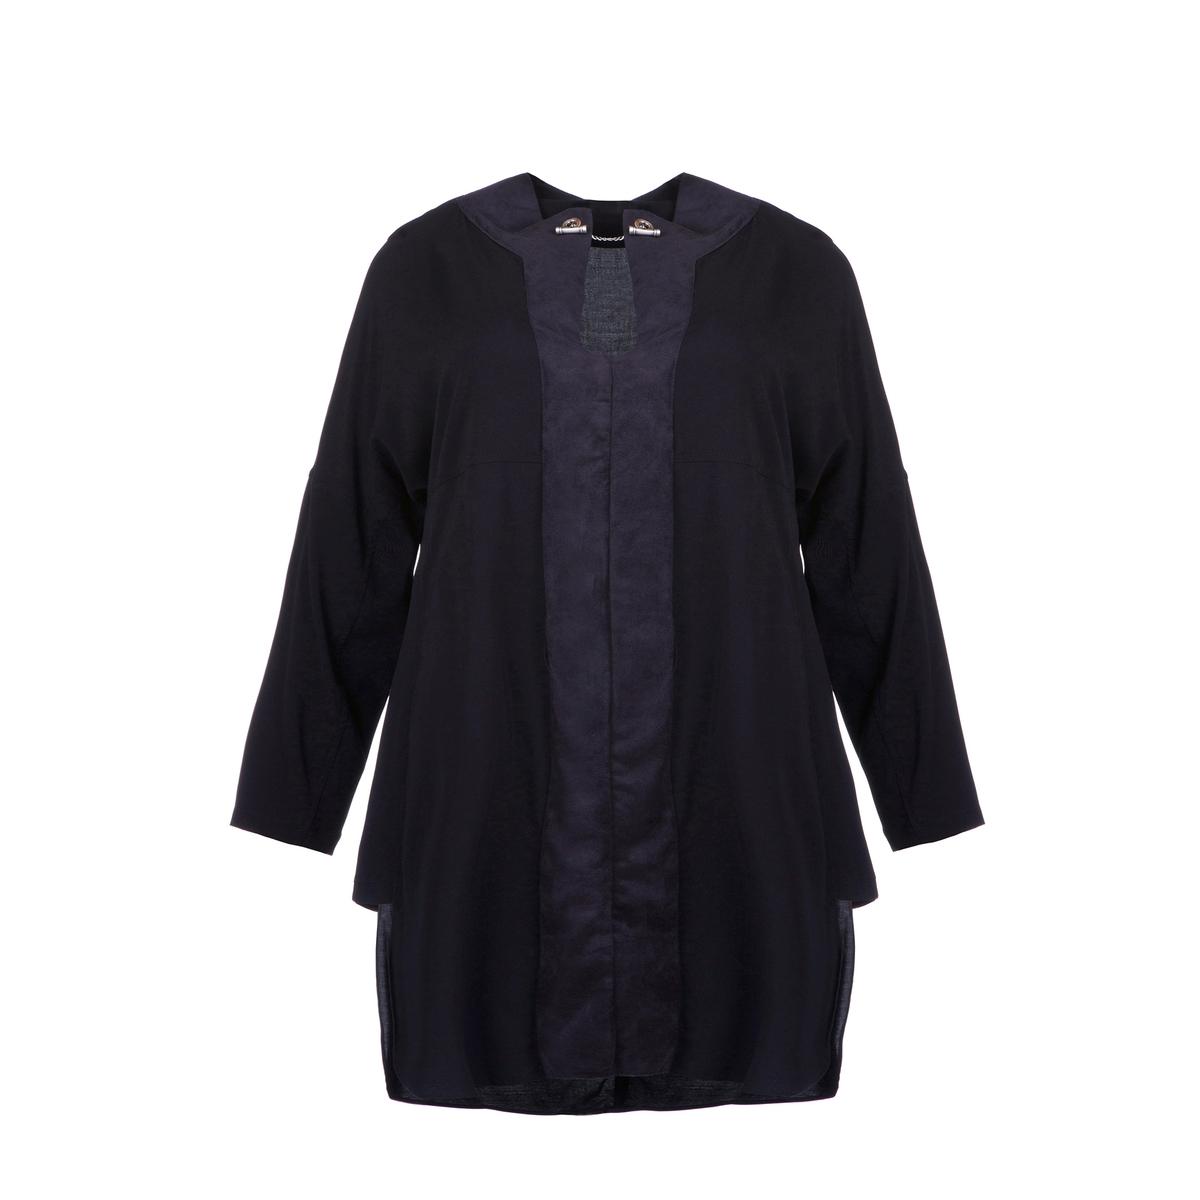 ПлатьеПлатье асимметричное с длинными рукавами MAT FASHION. 97% вискозы, 3% эластана .  Полоски из замши спереди . Длинные рукава.  V-образный вырез с тонкой цепочкой .<br><br>Цвет: черный<br>Размер: 44/46 (FR) - 50/52 (RUS)